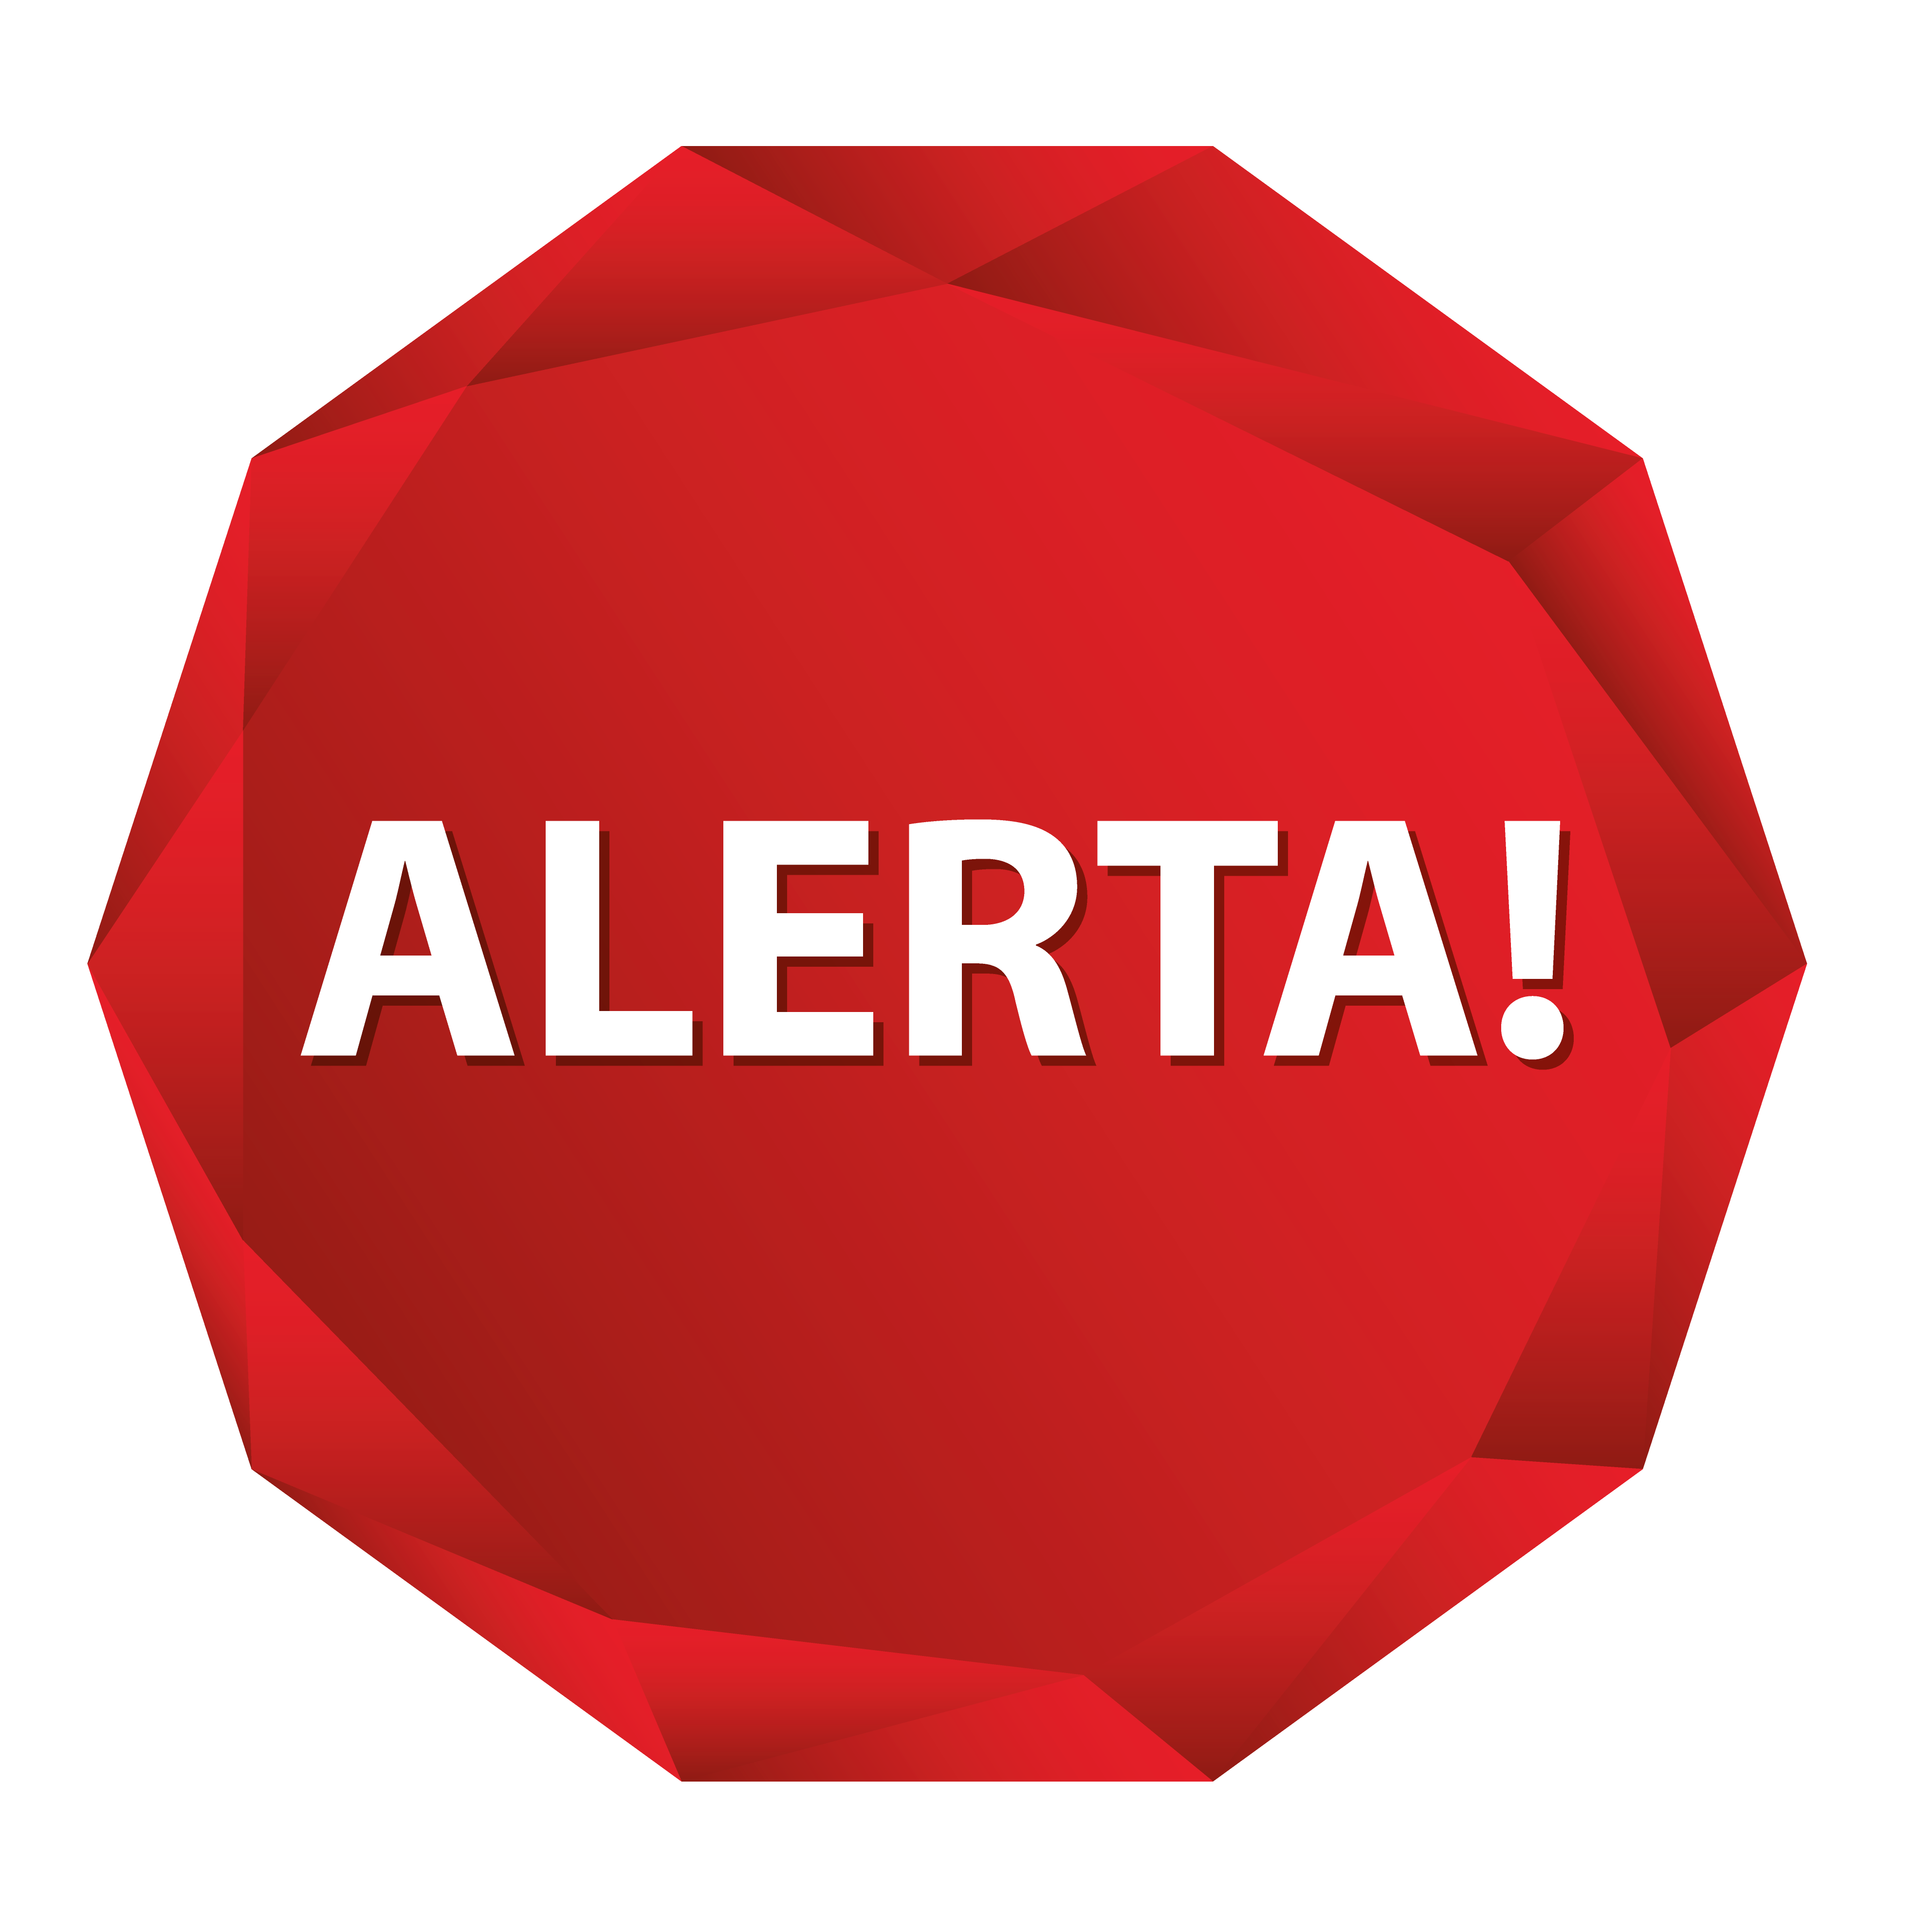 Proibido uso de lote de Cefalexina do Laboratório Teuto